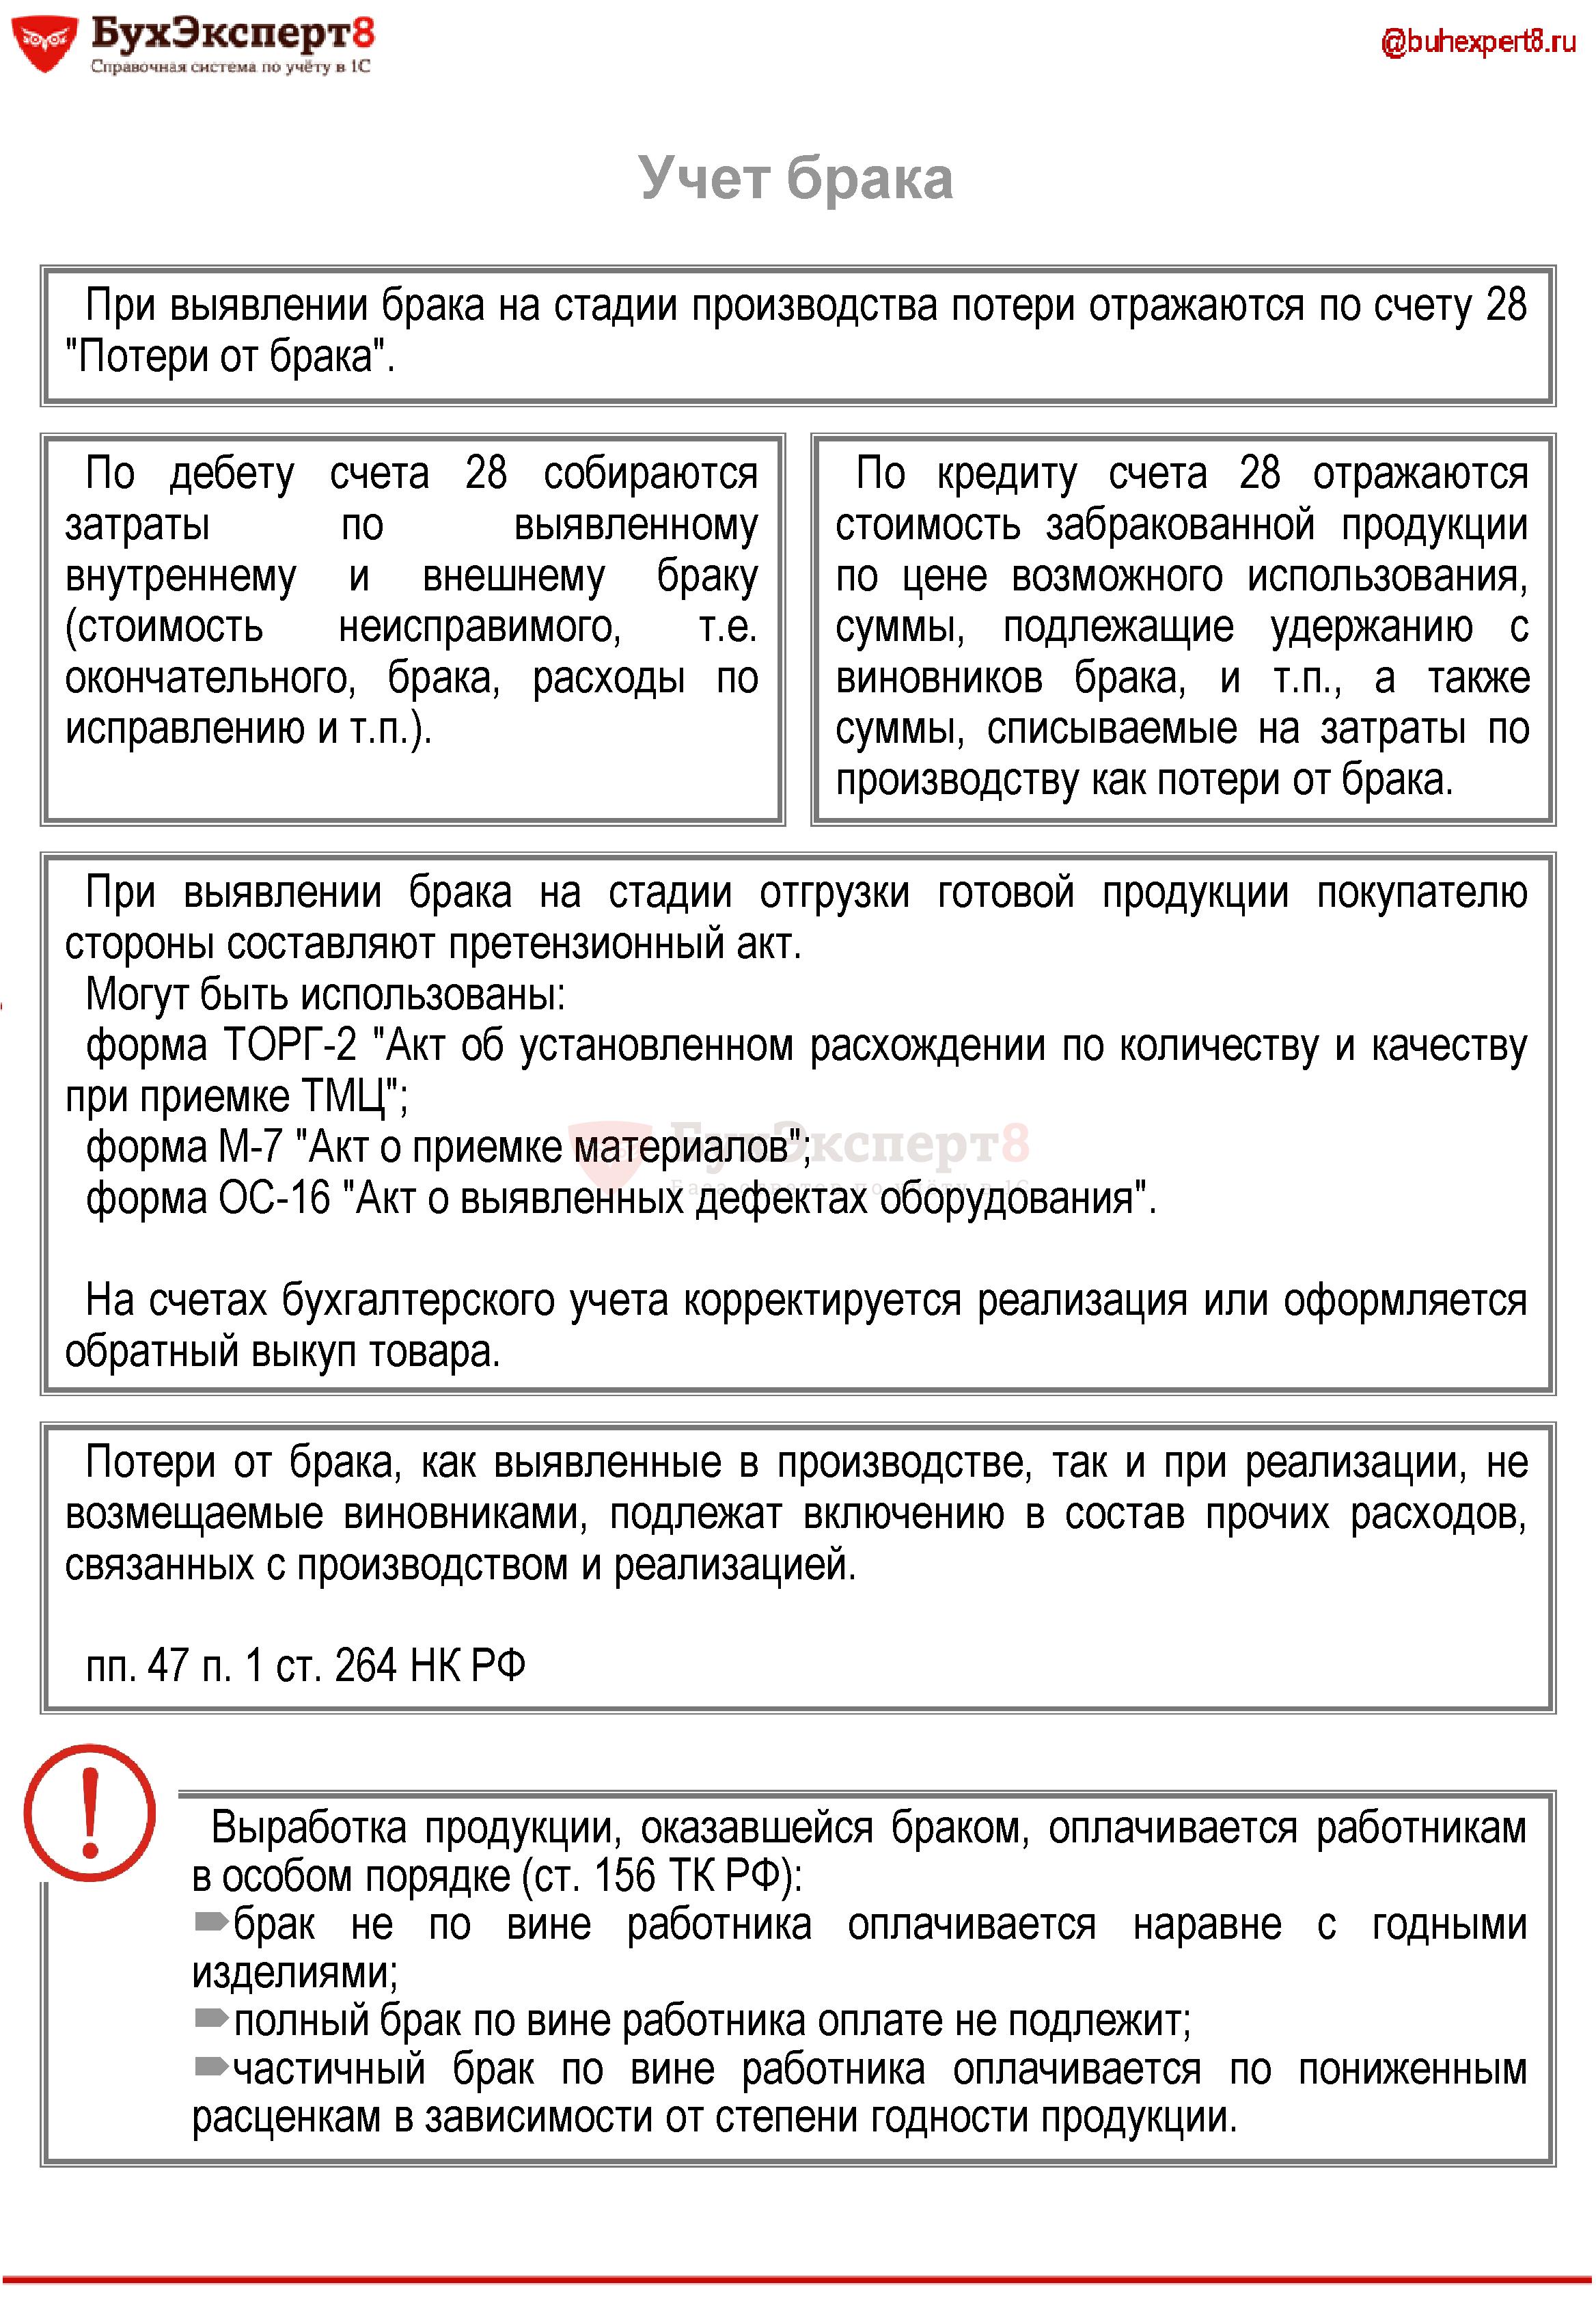 Образец искового заявлния о признании права собственности в порядке наследования